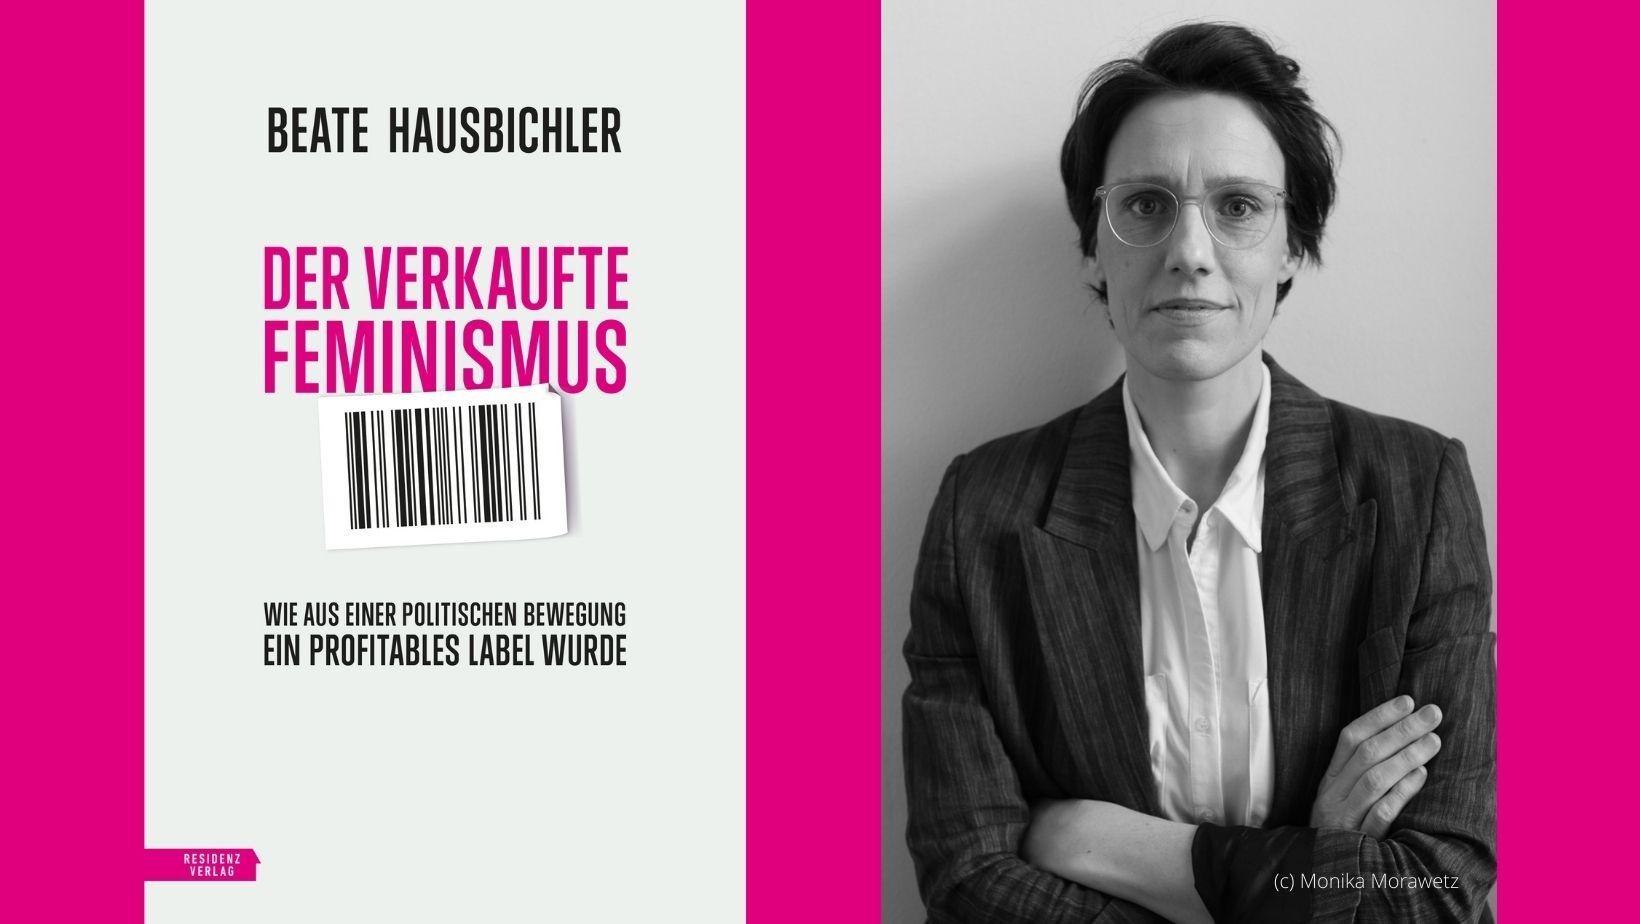 """Lesung Beate Hausbichler: """"Der verkaufte Feminismus"""" am Donnerstag, 23.9.2021, 19 Uhr"""